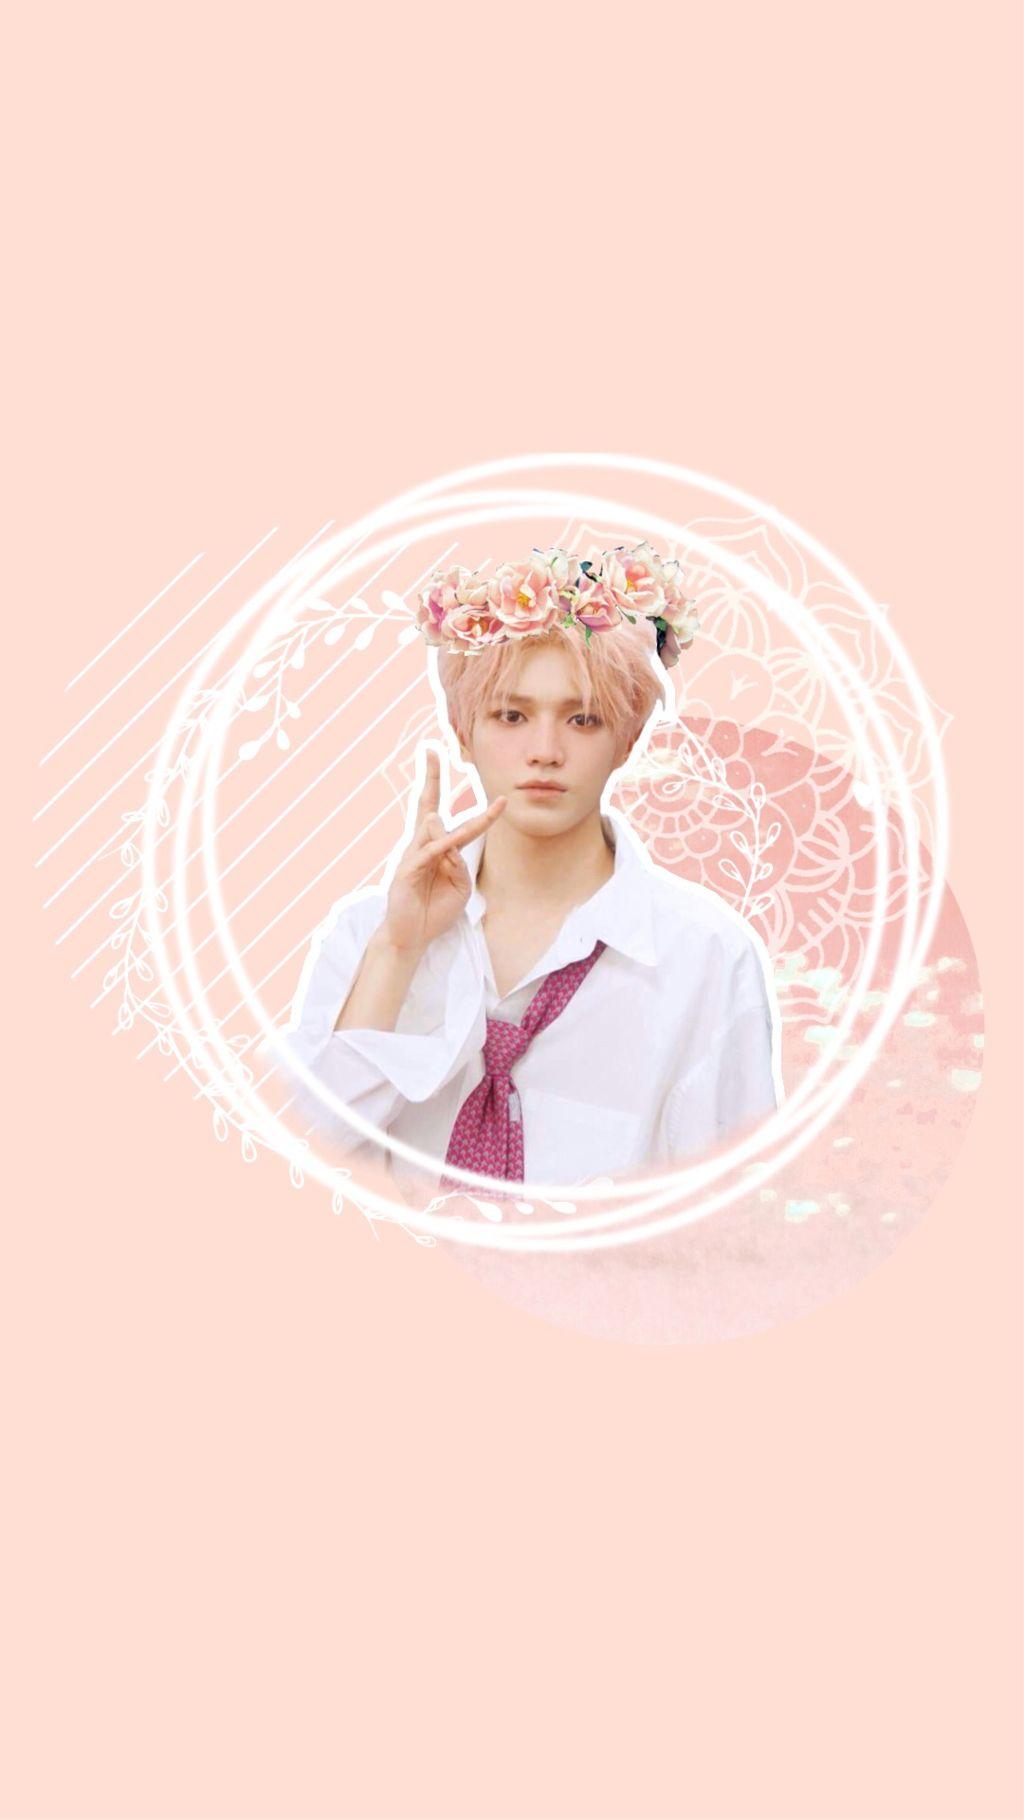 Nct Taeyong Wallpaper Nct Taeyong Ncttaeyong Kpop Peach